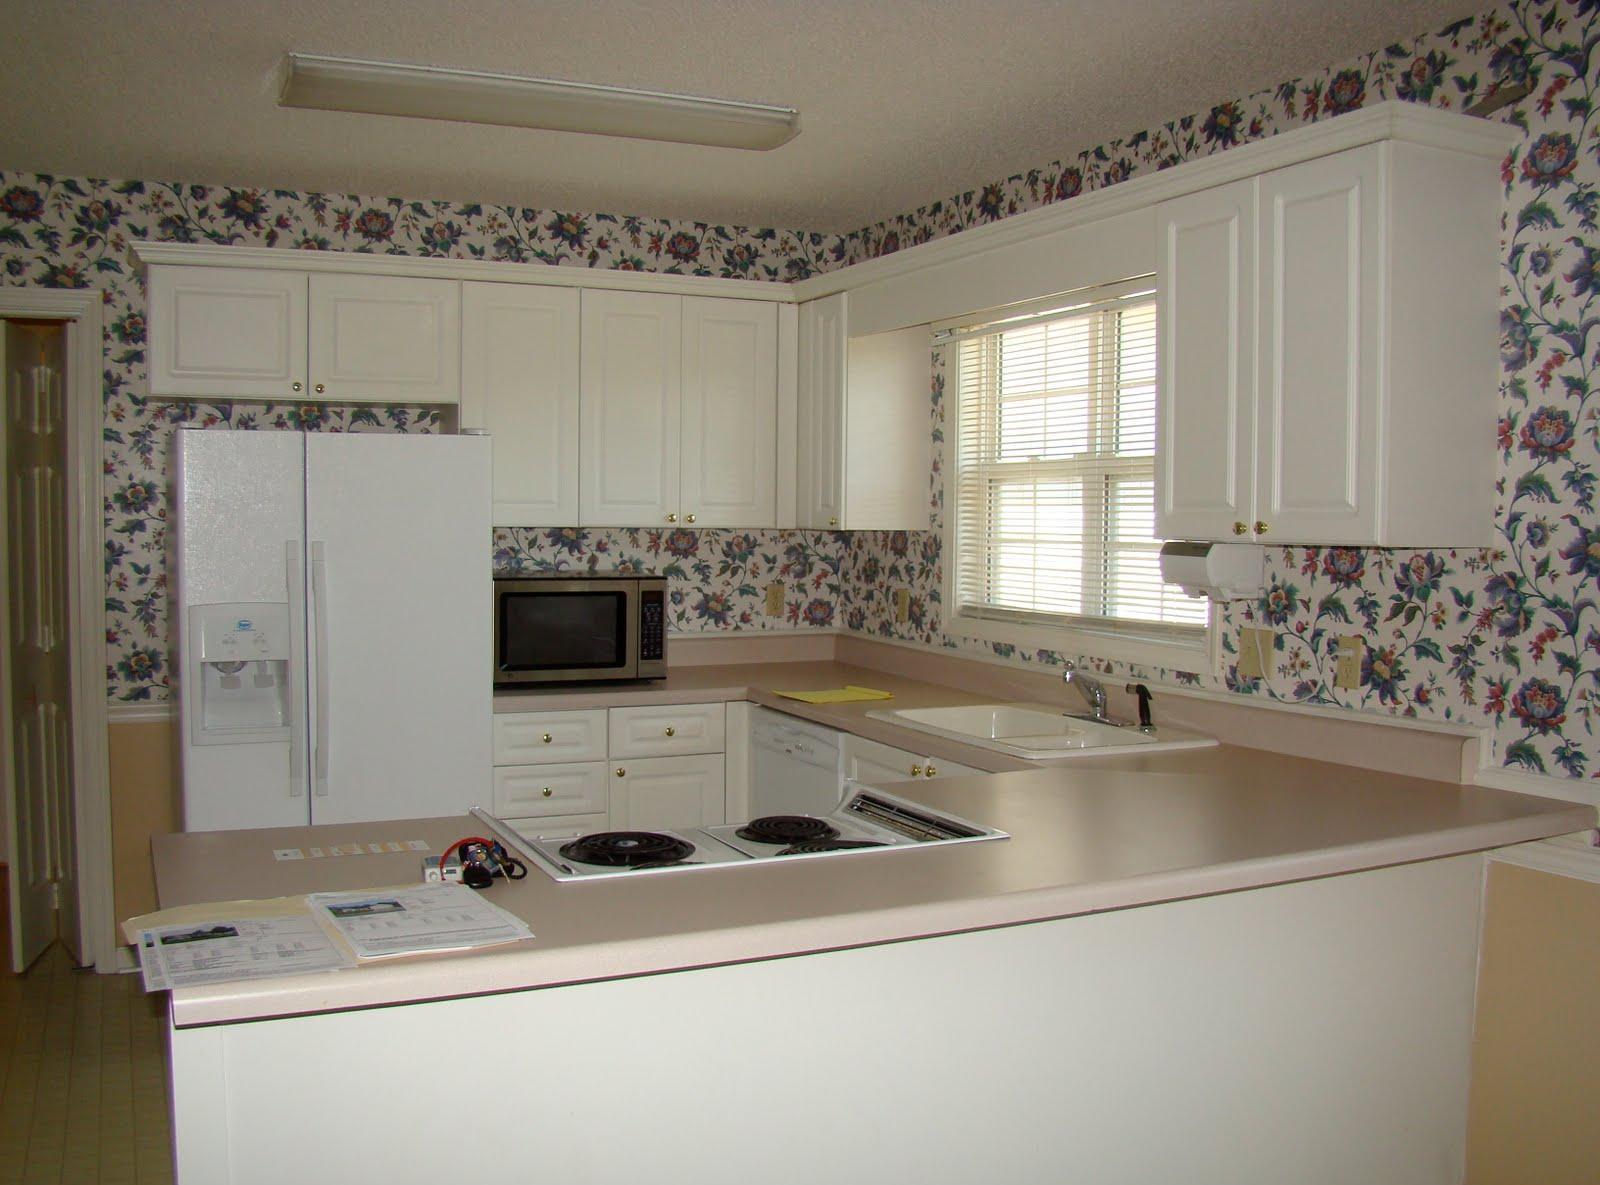 Цветочные виниловые обои на кухне